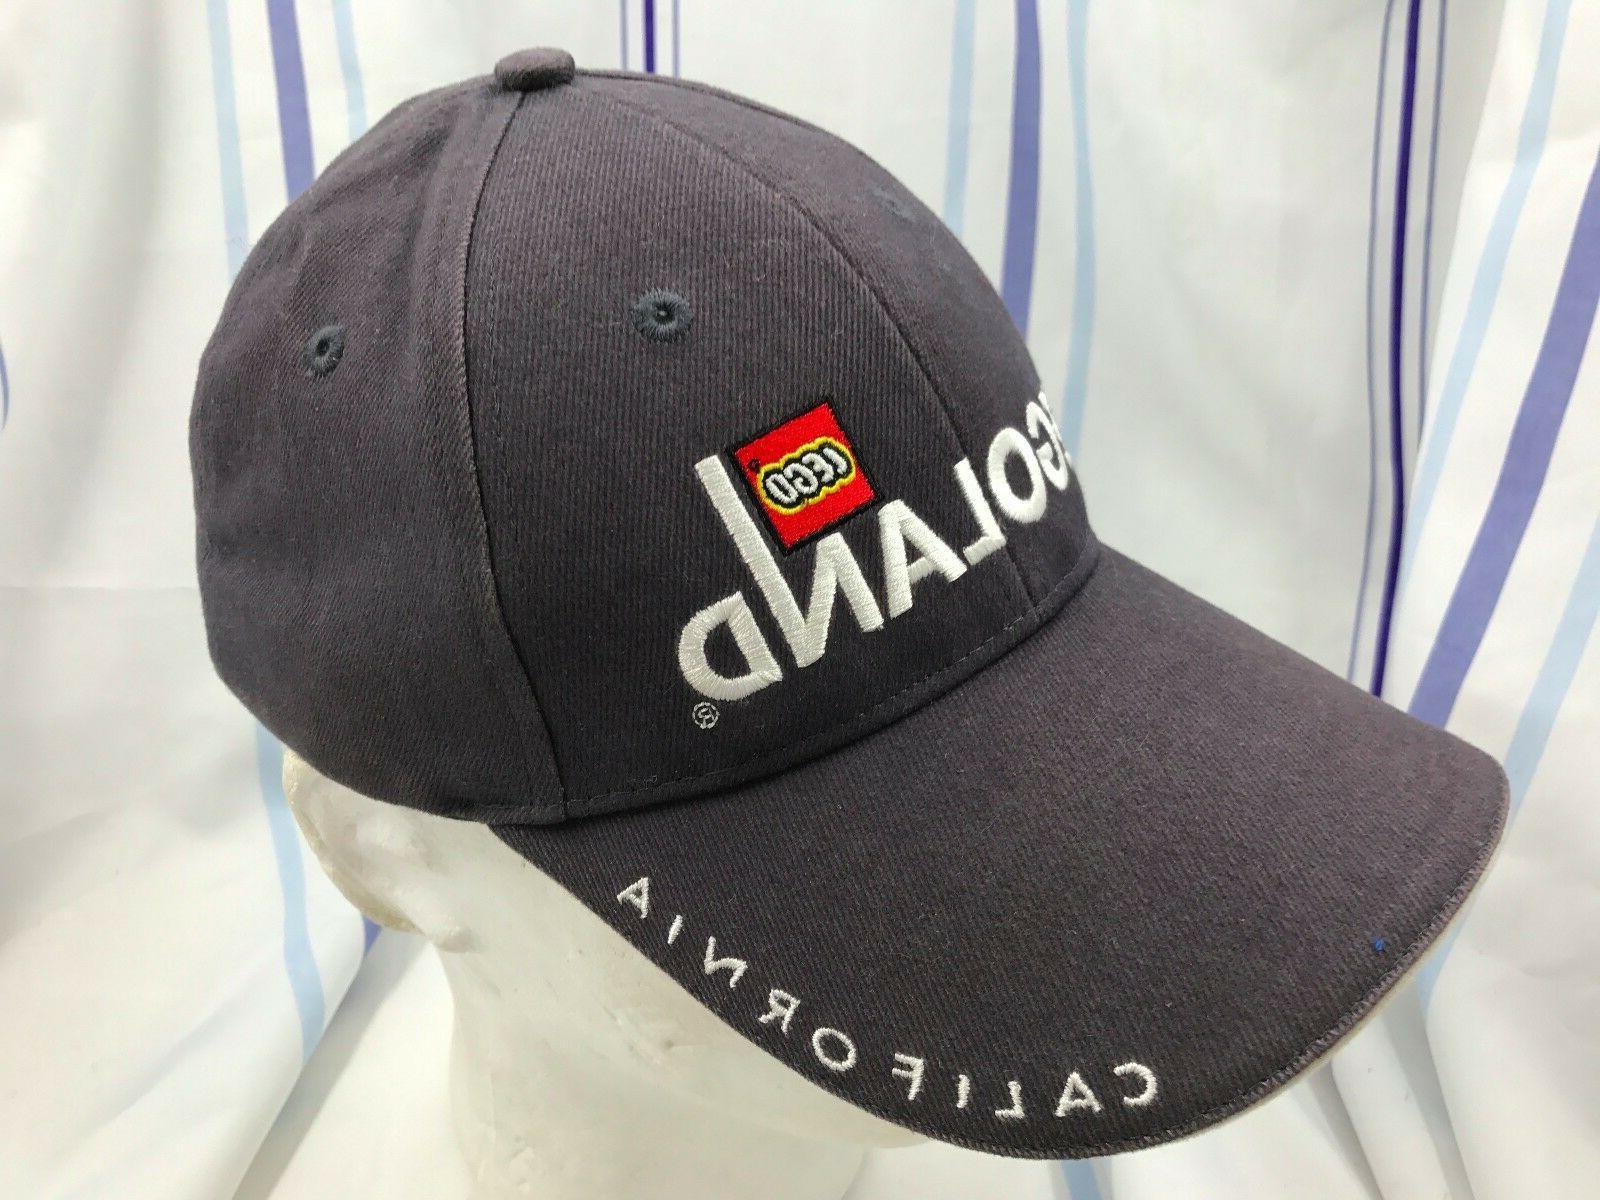 Legoland Embroidered Trucker Hat Headwear